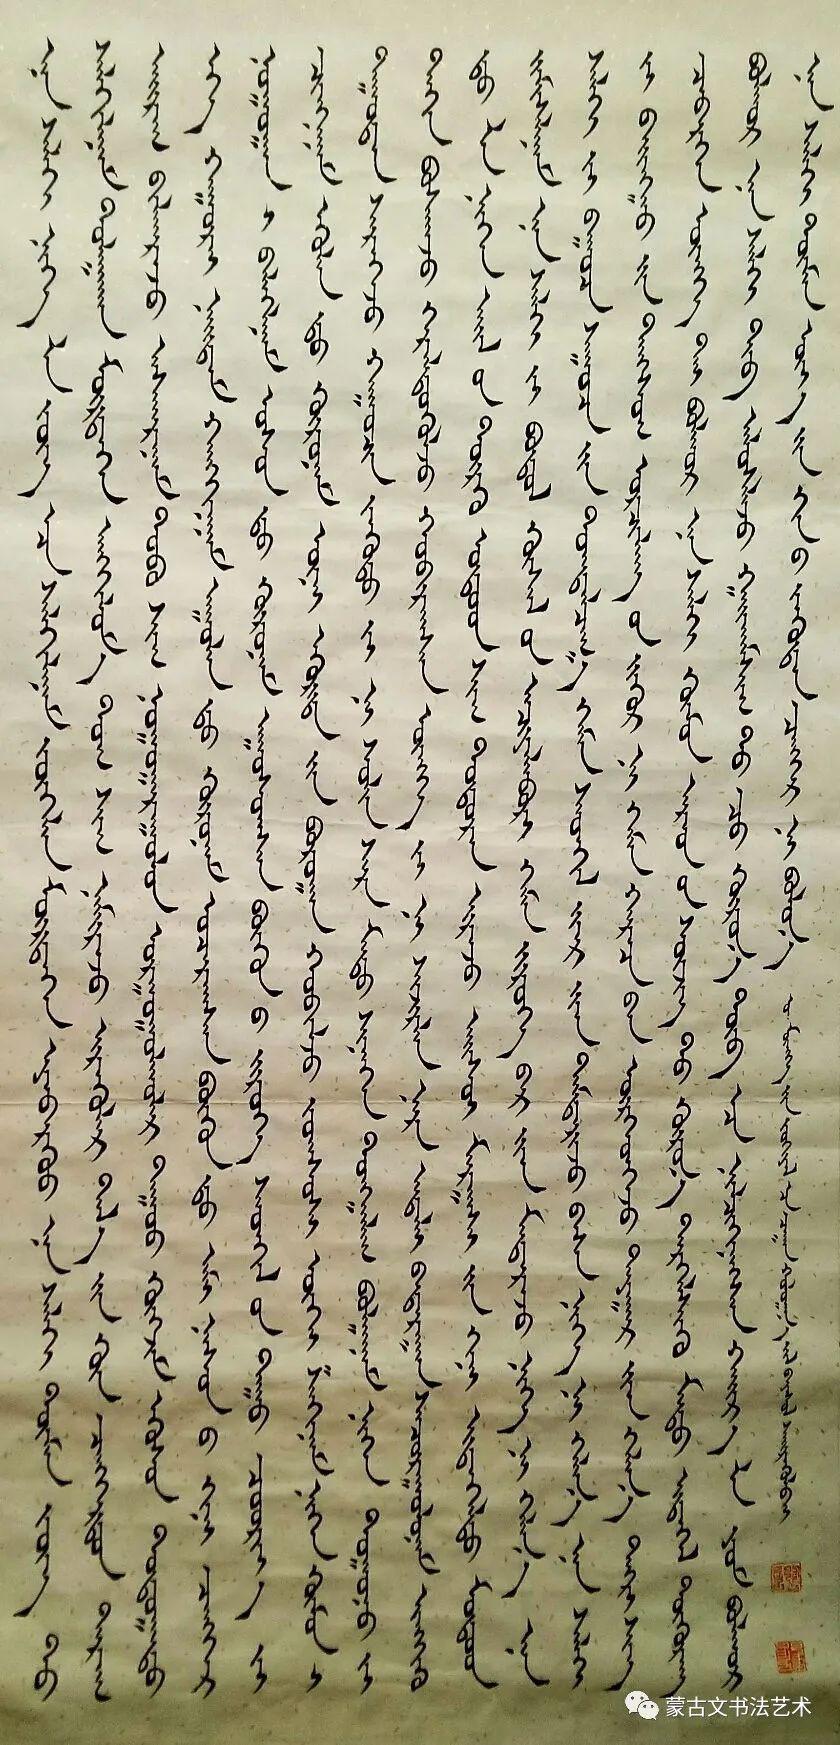 巴亚苏拉蒙古文书法 第5张